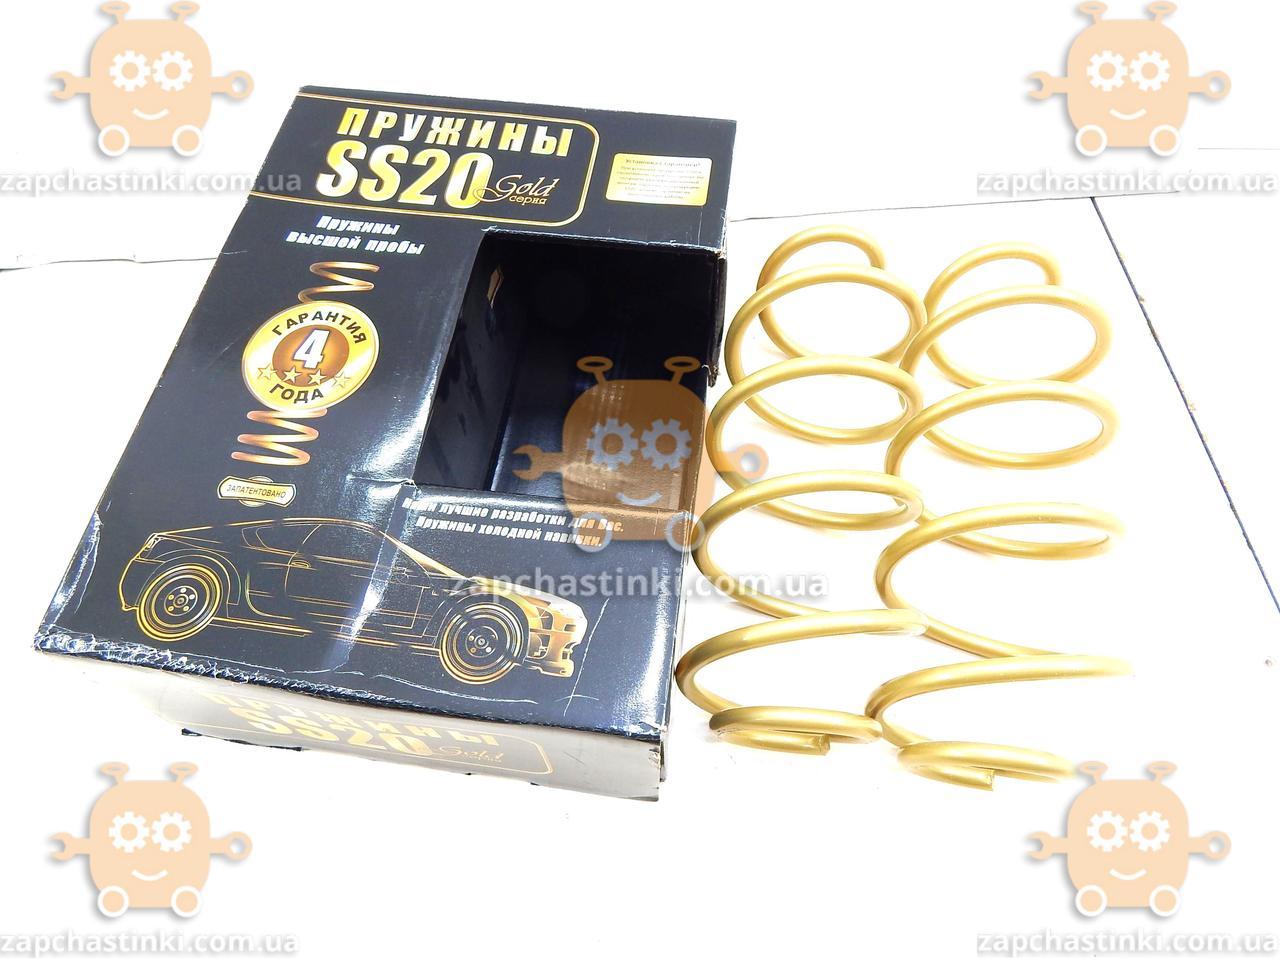 Пружина передней подвески ВАЗ 1117, 1118, 1119, 2170, 2190 (16 кл дв) Gold Progressive (2 шт) (SS-20) АГ 10743